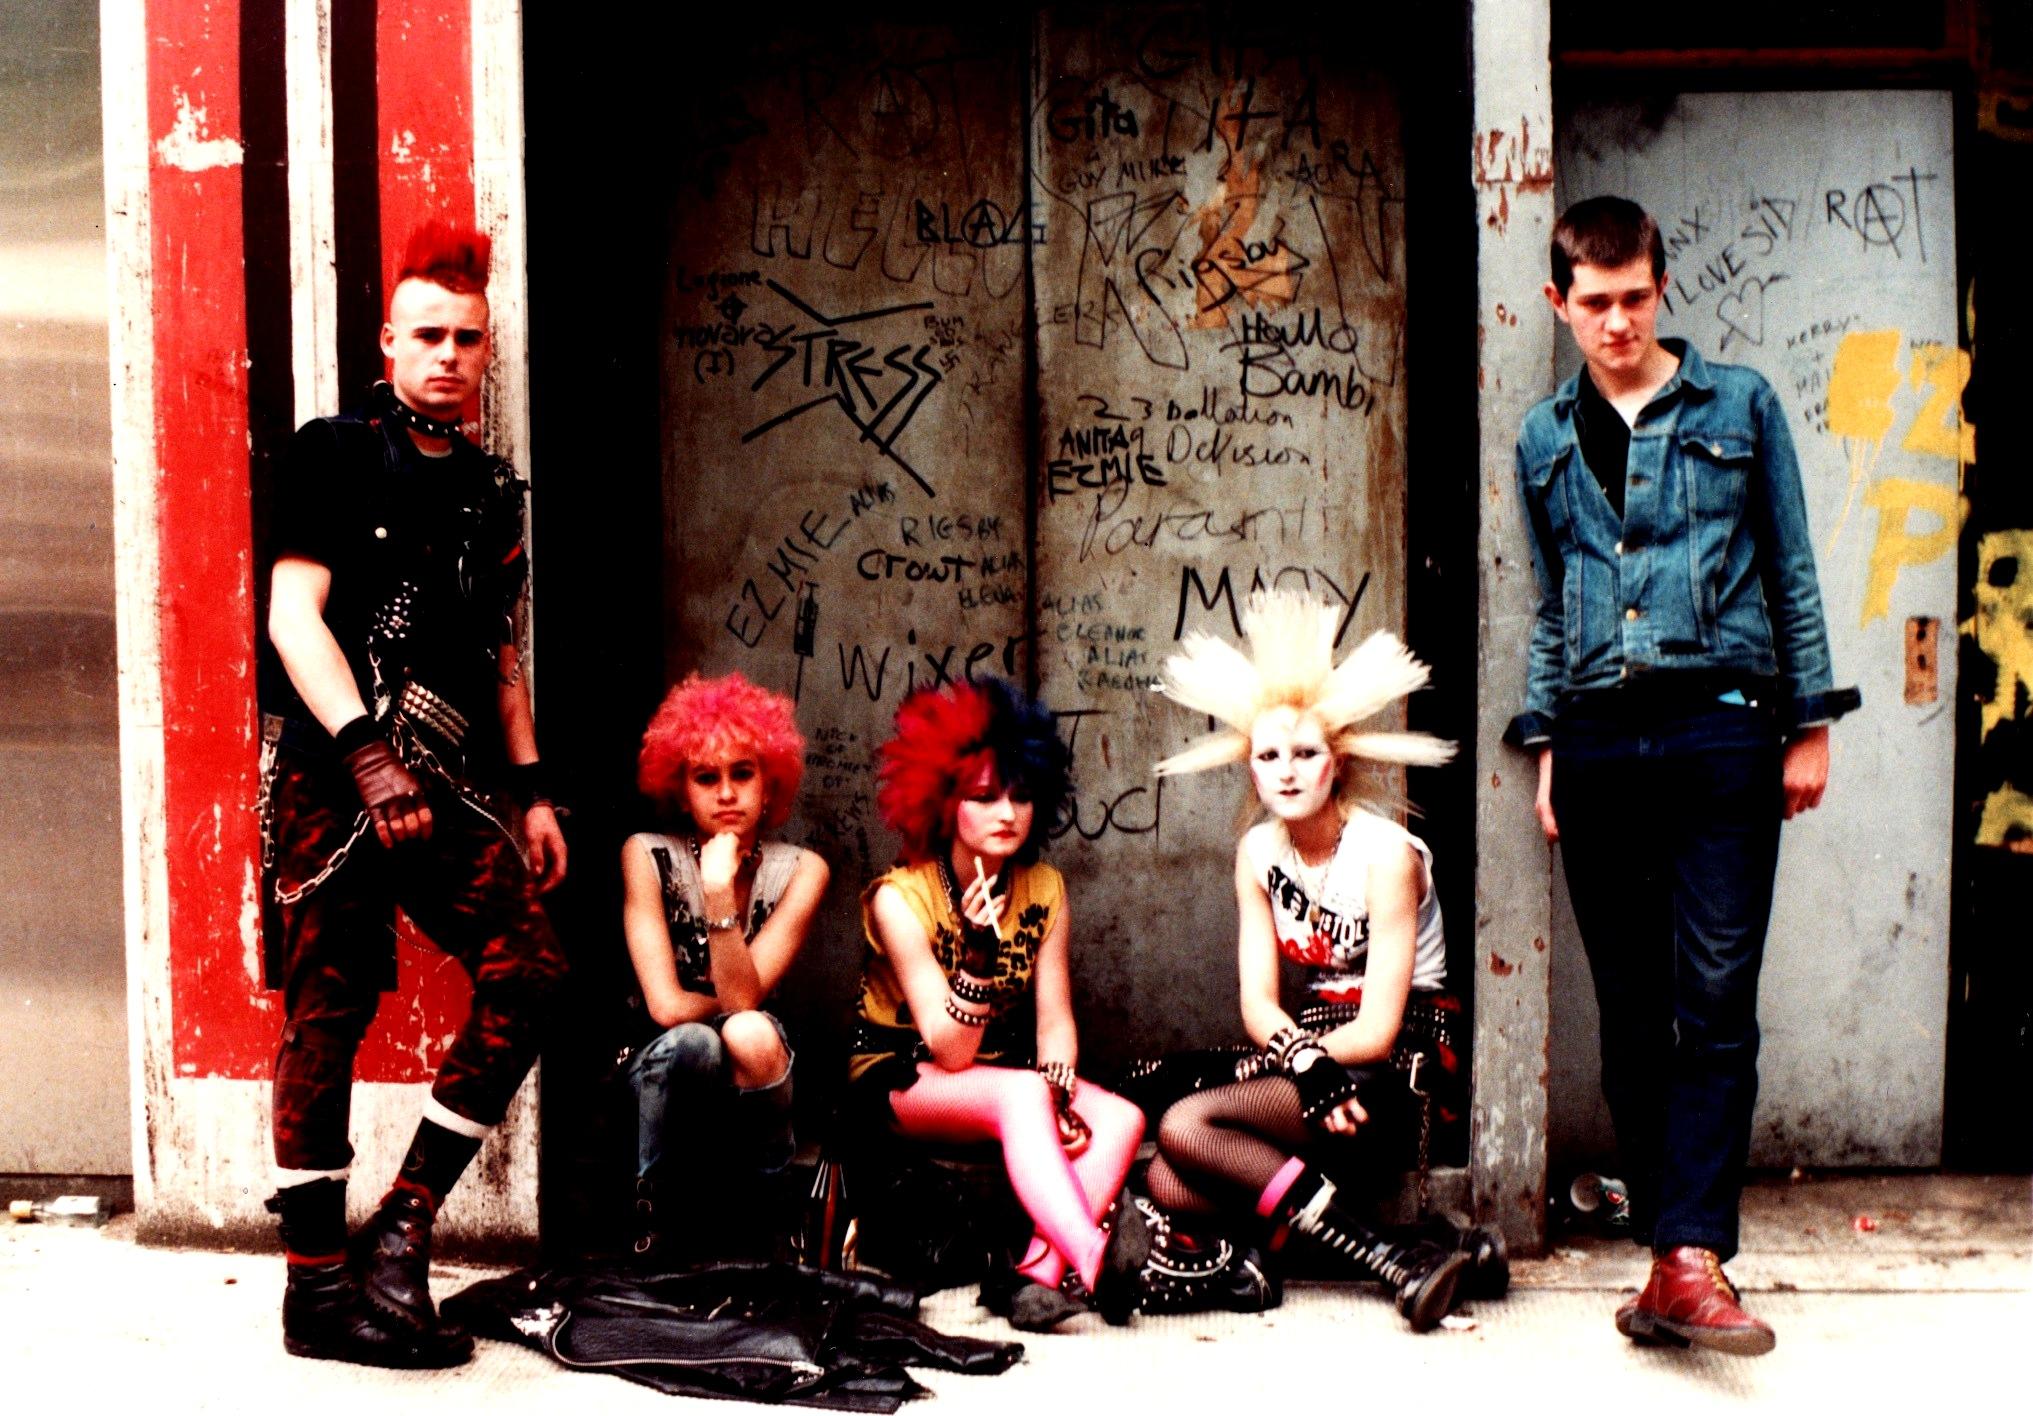 Punks londoniens dans les années 80 (image du site: http://tracks.arte.tv)